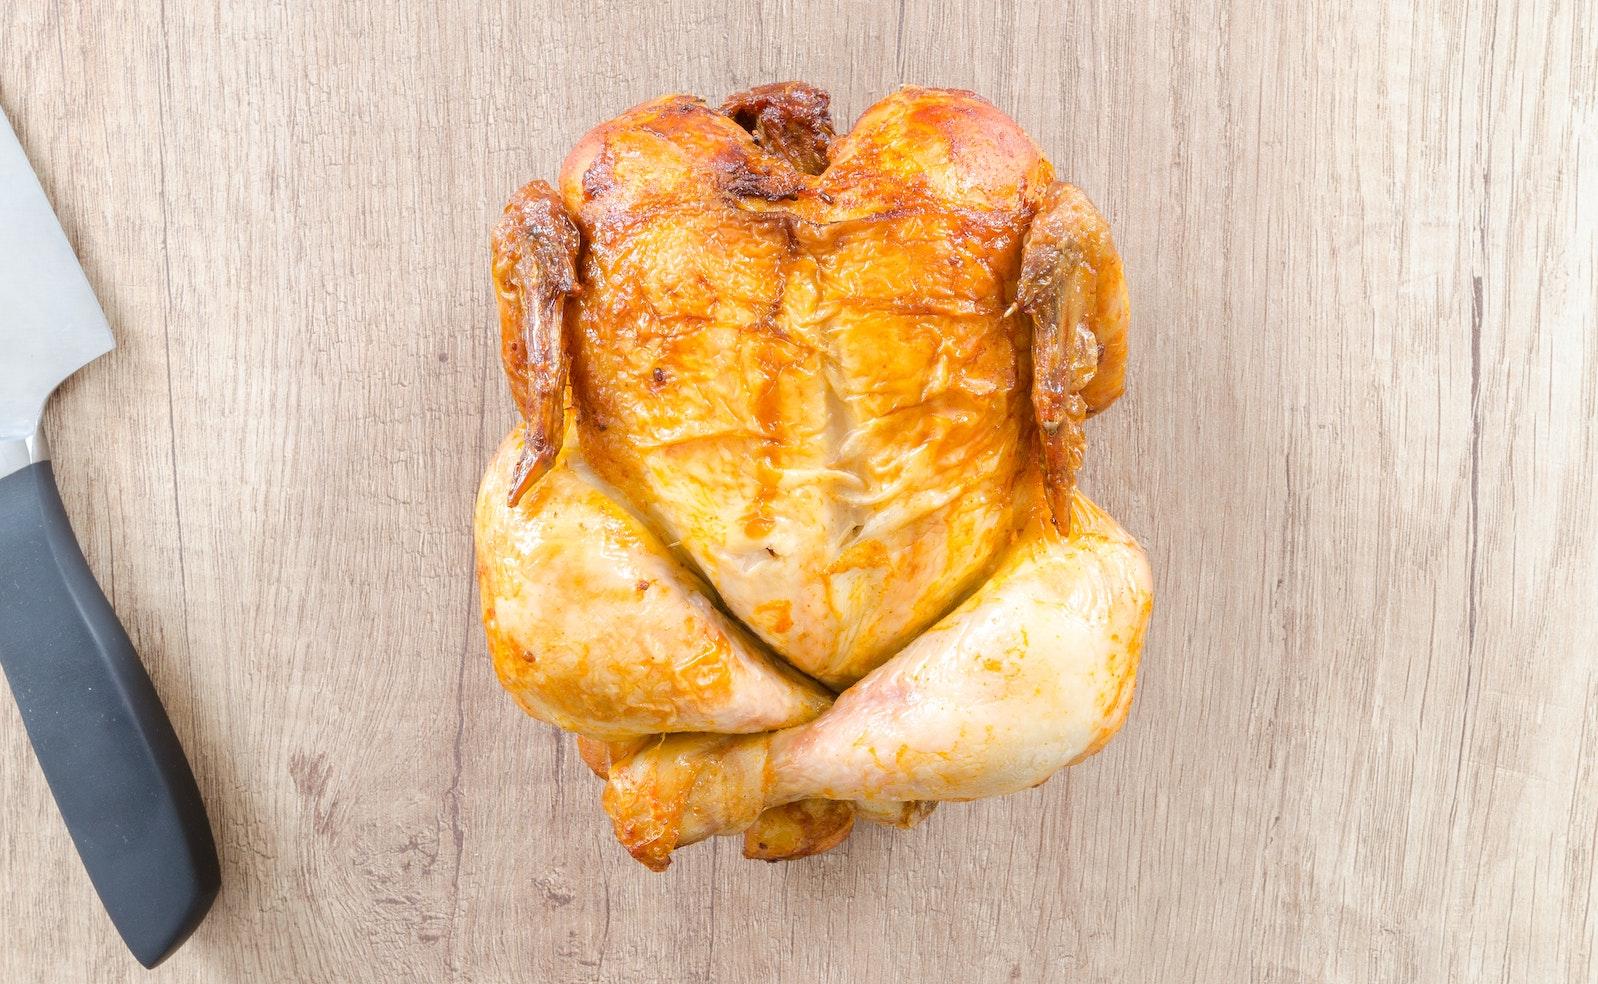 Brathuhn im Ofen zubereiten: Wie lange braucht ein Hähnchen im Backofen?